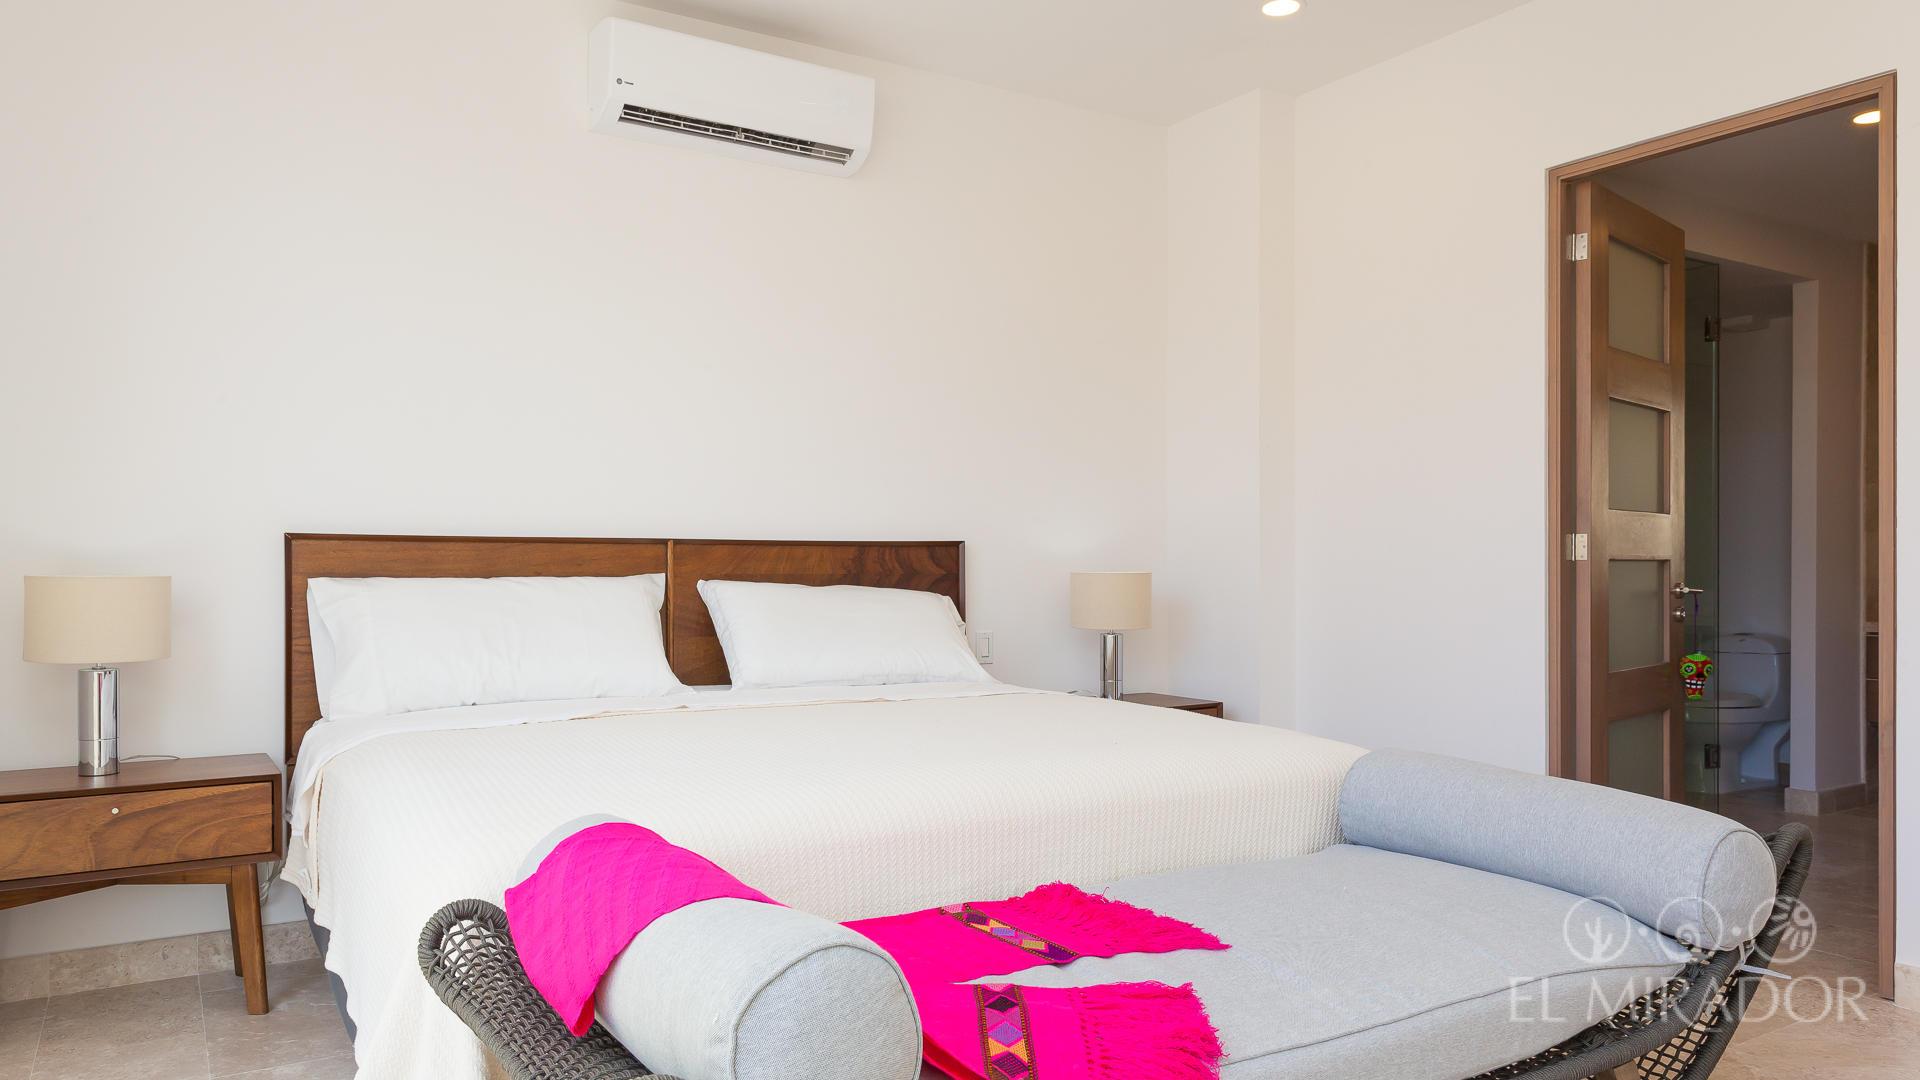 San Jose del Cabo, 2 Bedrooms Bedrooms, 4 Rooms Rooms,2 BathroomsBathrooms,Condo,For Sale,Paseo de Las Misiones,20-536